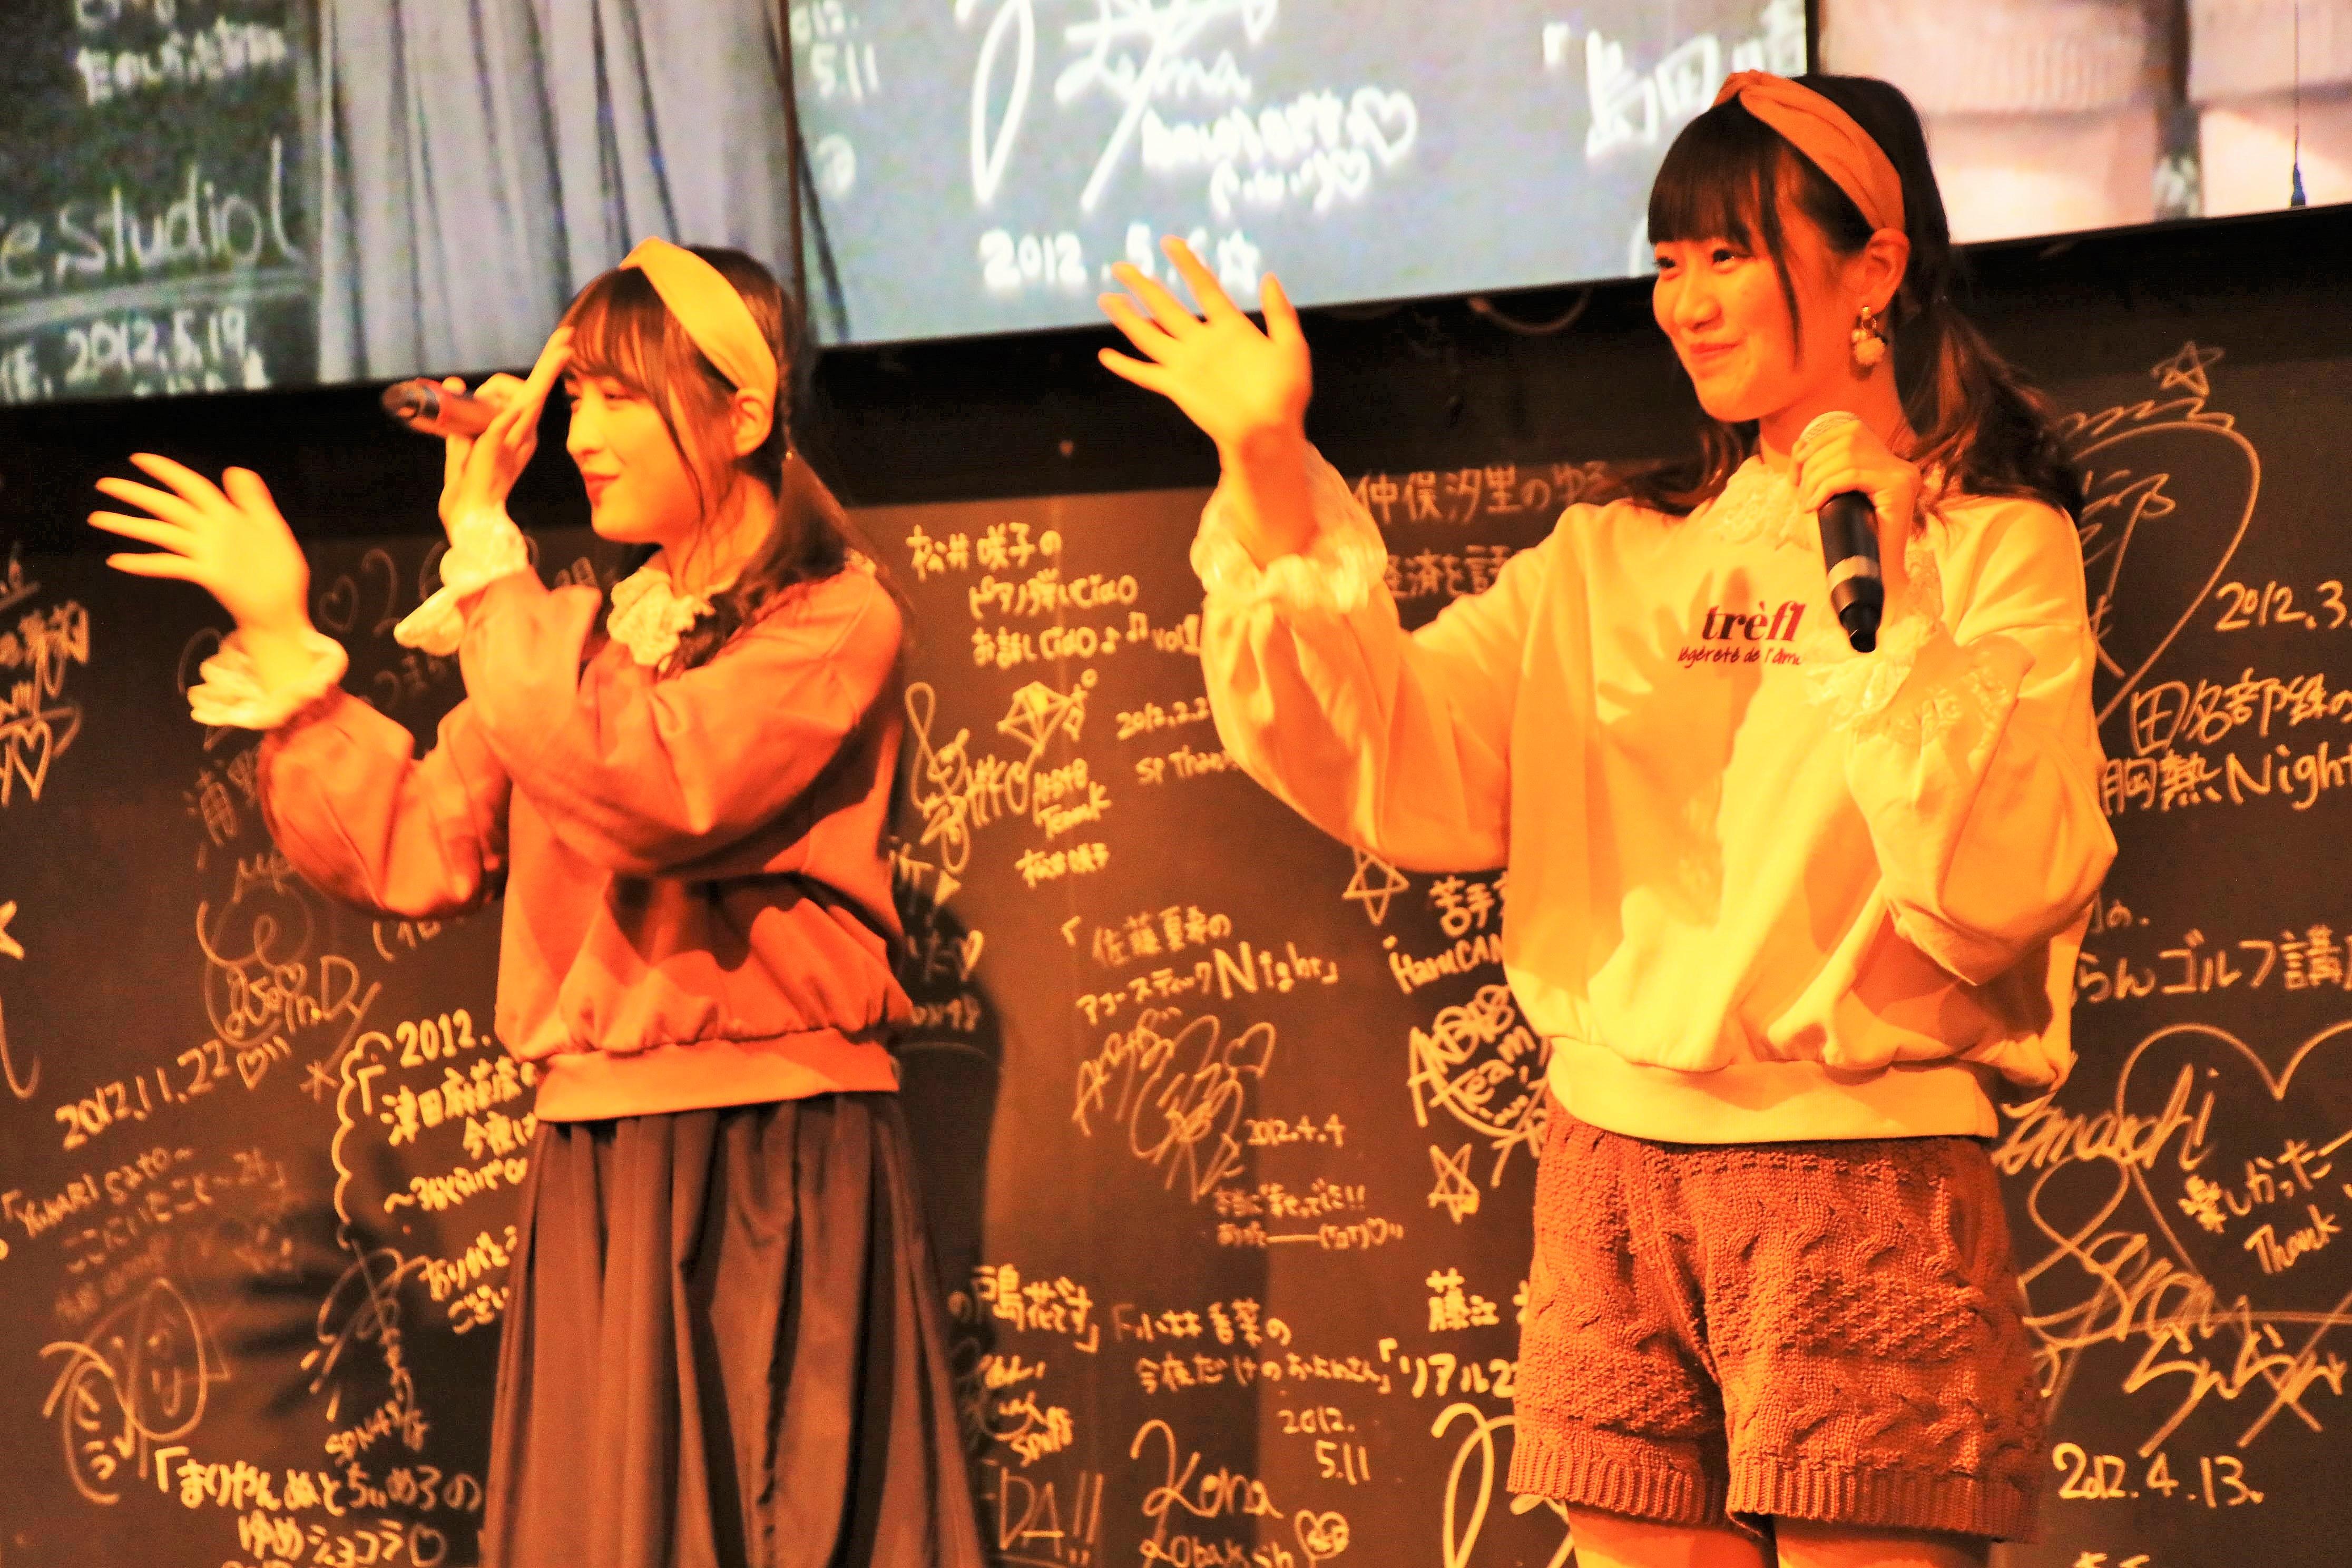 『天使のしっぽ』を披露する稲垣と川本